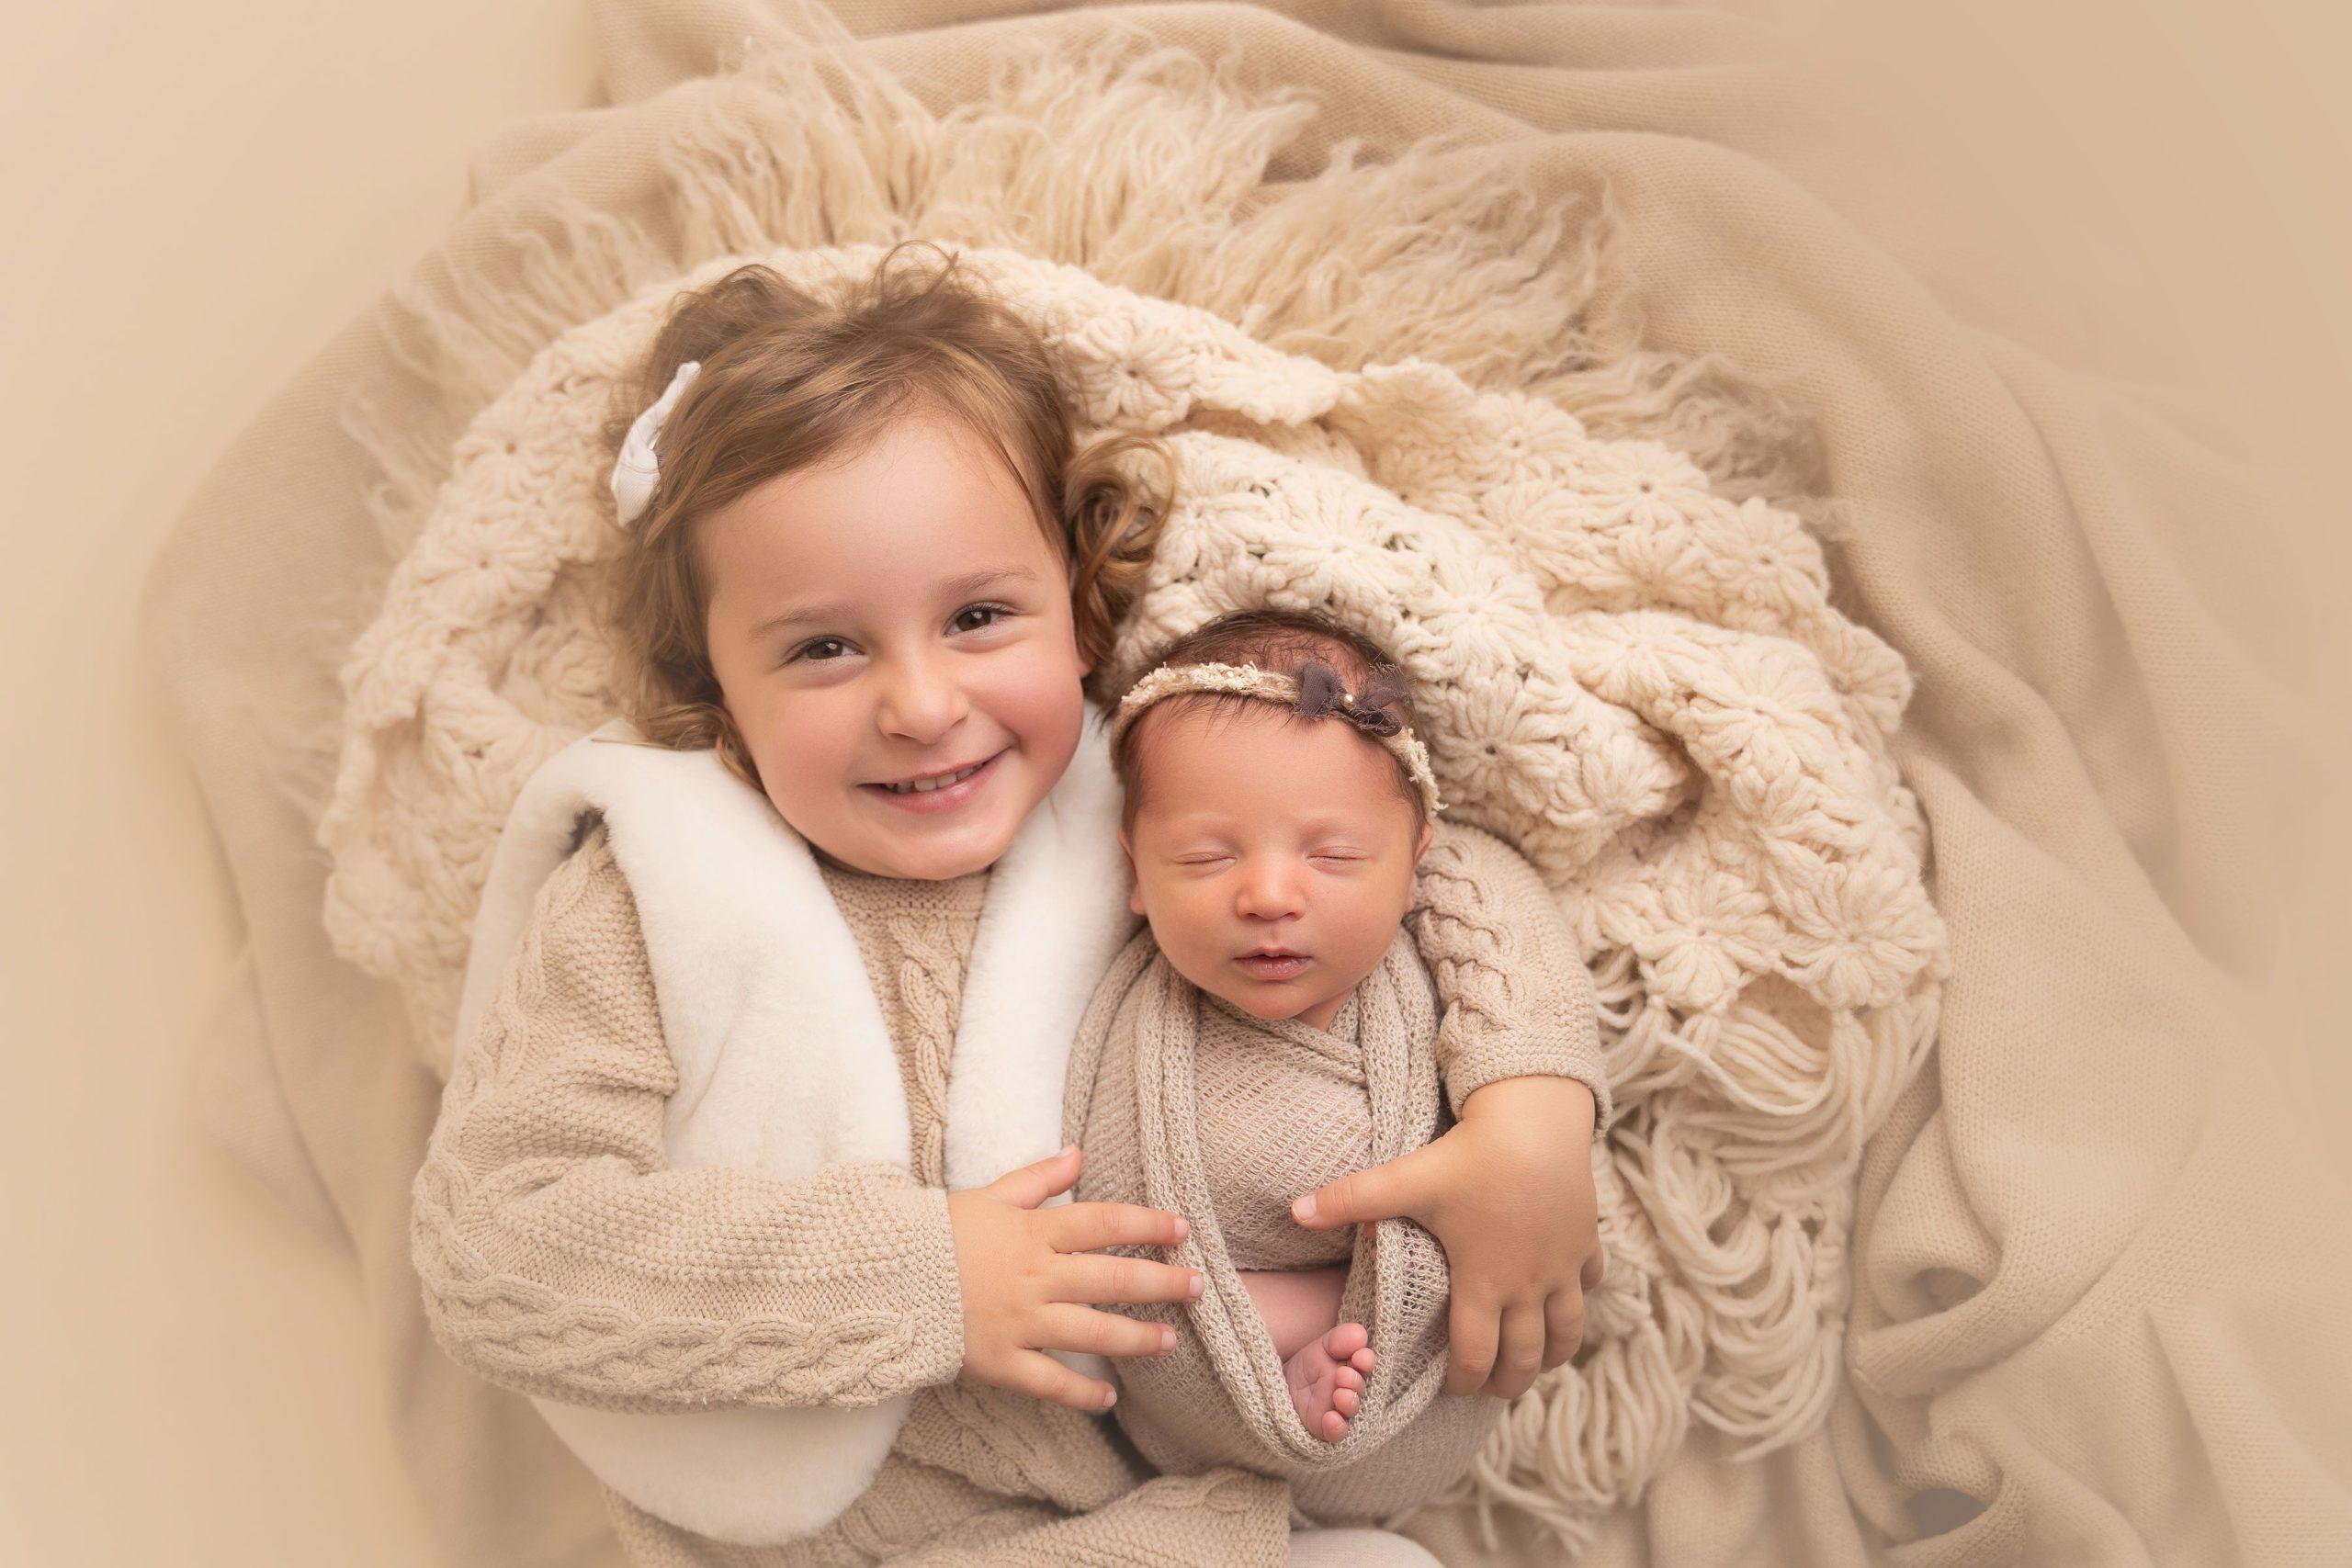 ولادة طفلة عمرها 28 عامًا - أطول عملية تجميد لجنين يولد حيًا - الرقم القياسي السابق لأطول عملية تجميد لجنين في العالم - تجميد جنين حي